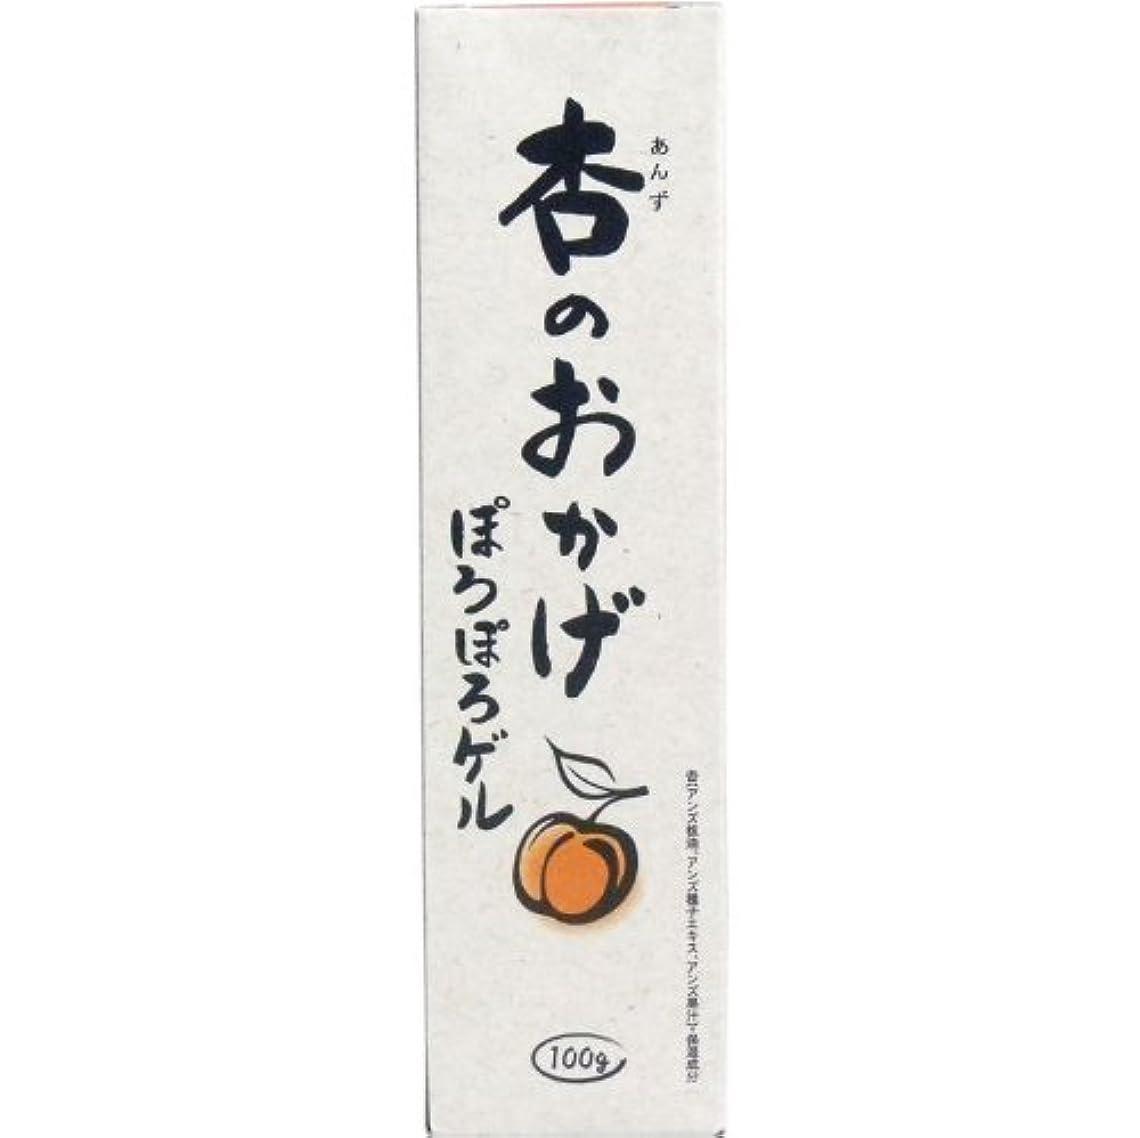 スリンク企業回答杏のおかげ ぽろぽろゲル 100g【2個セット】